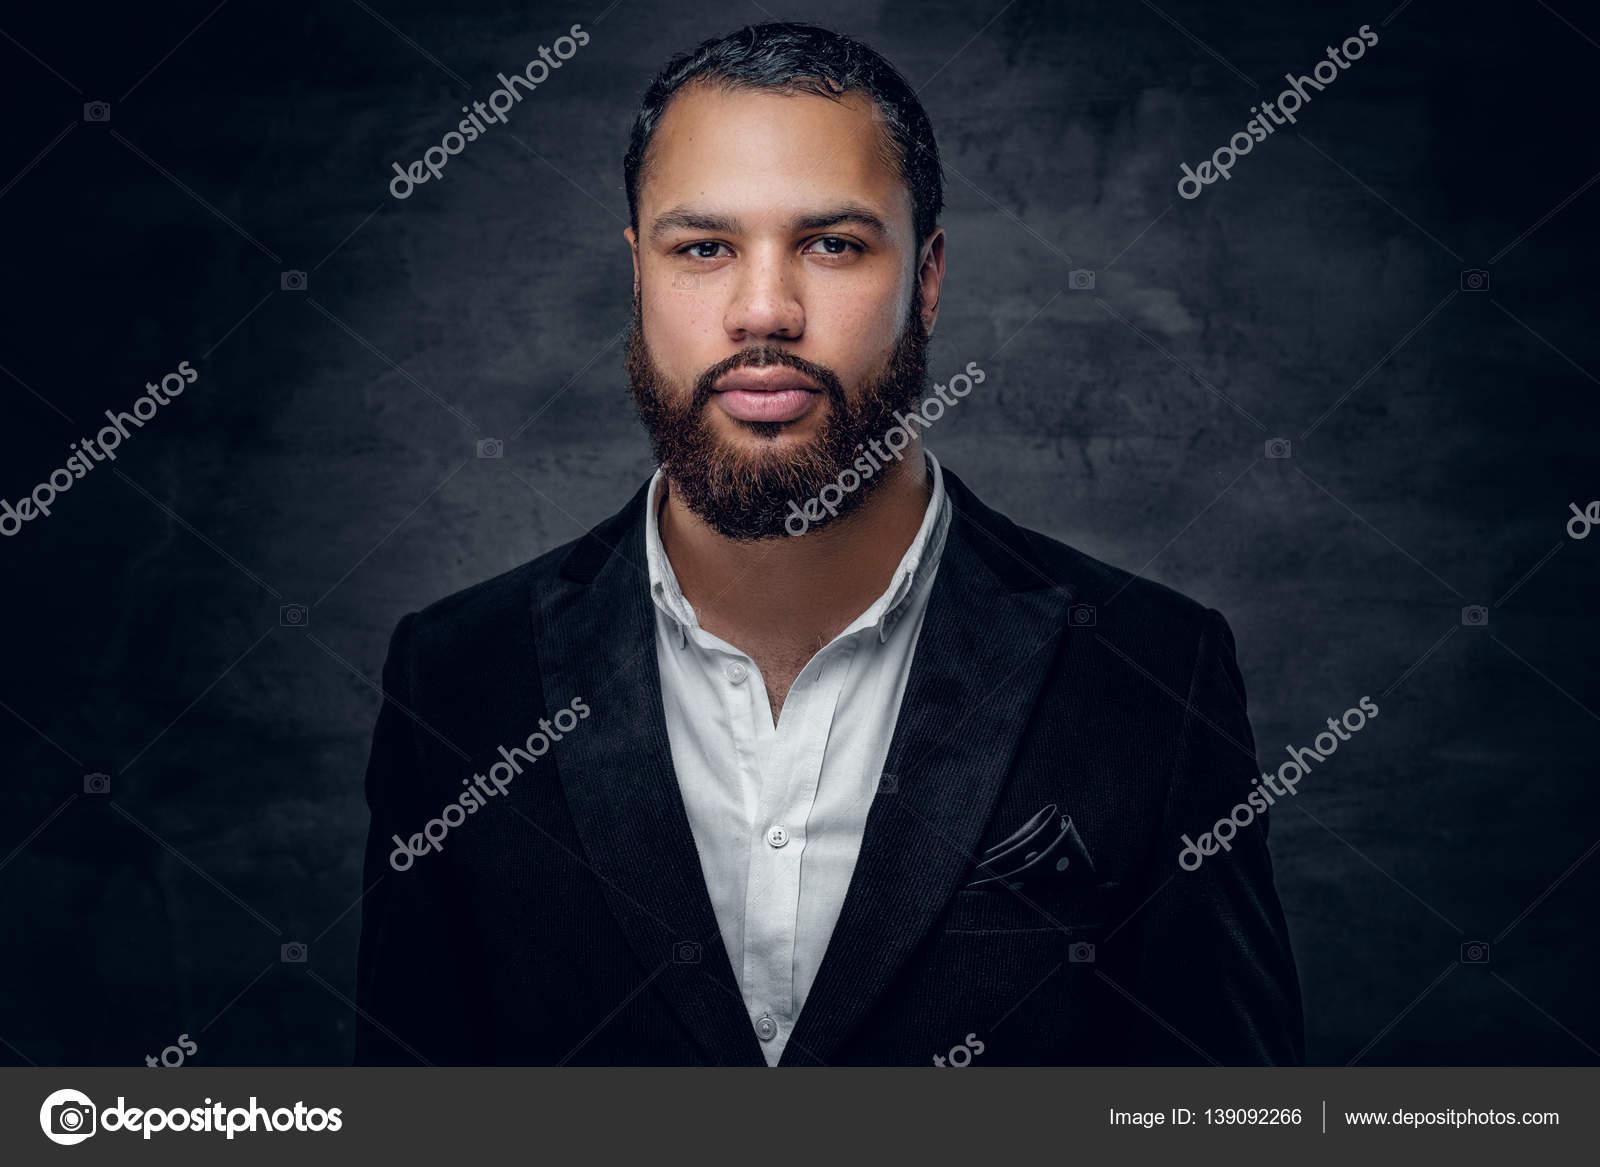 Homme En Africain Homme En Veste Noire Noire Africain Veste Homme rArxq01w